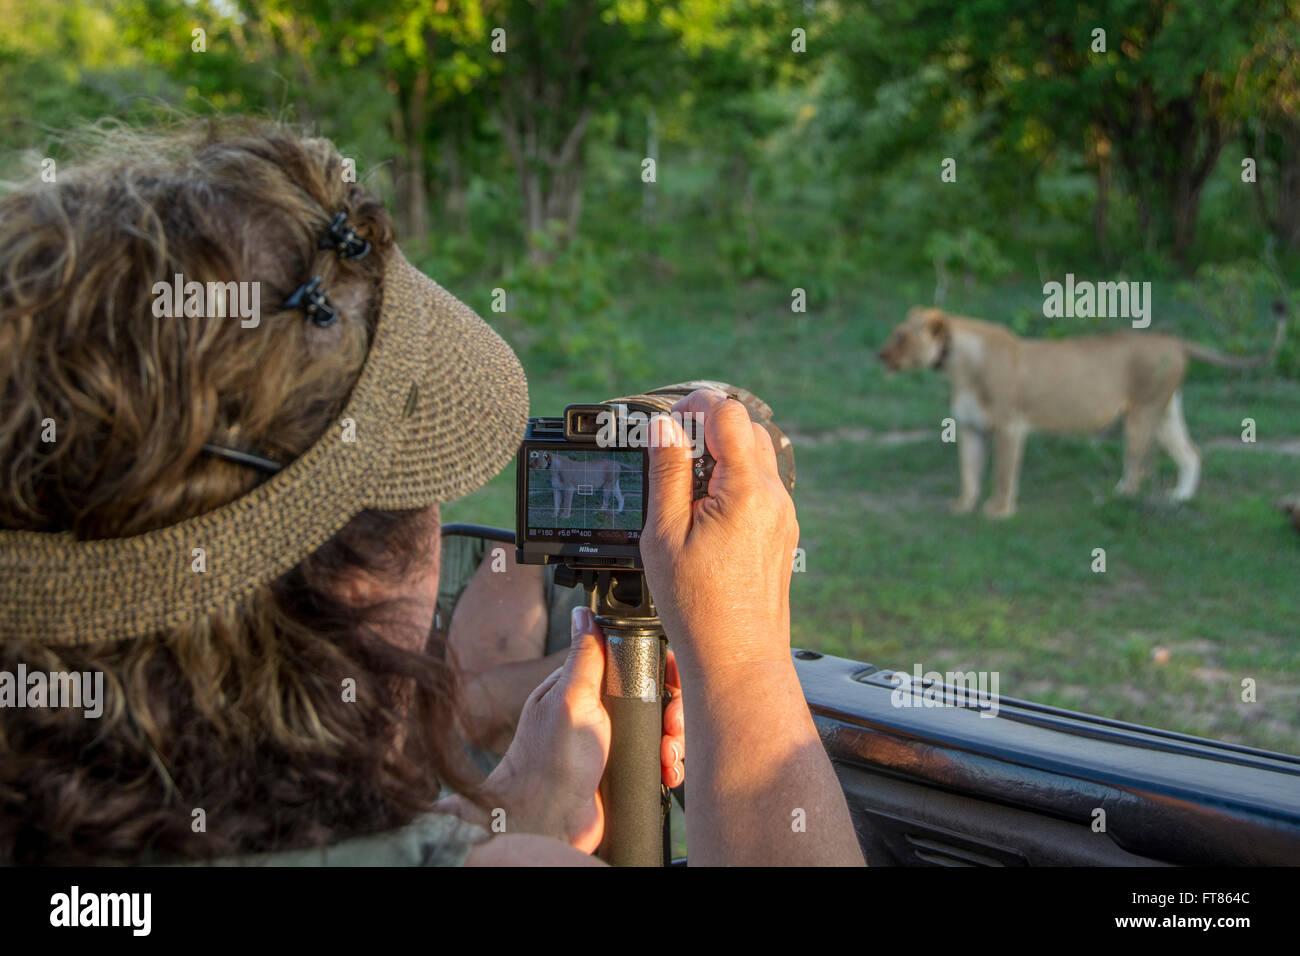 L'Afrique, la Zambie, le parc national de South Luangwa, Mfuwe. Jeep Safari avec le photographe regardant lionne Photo Stock